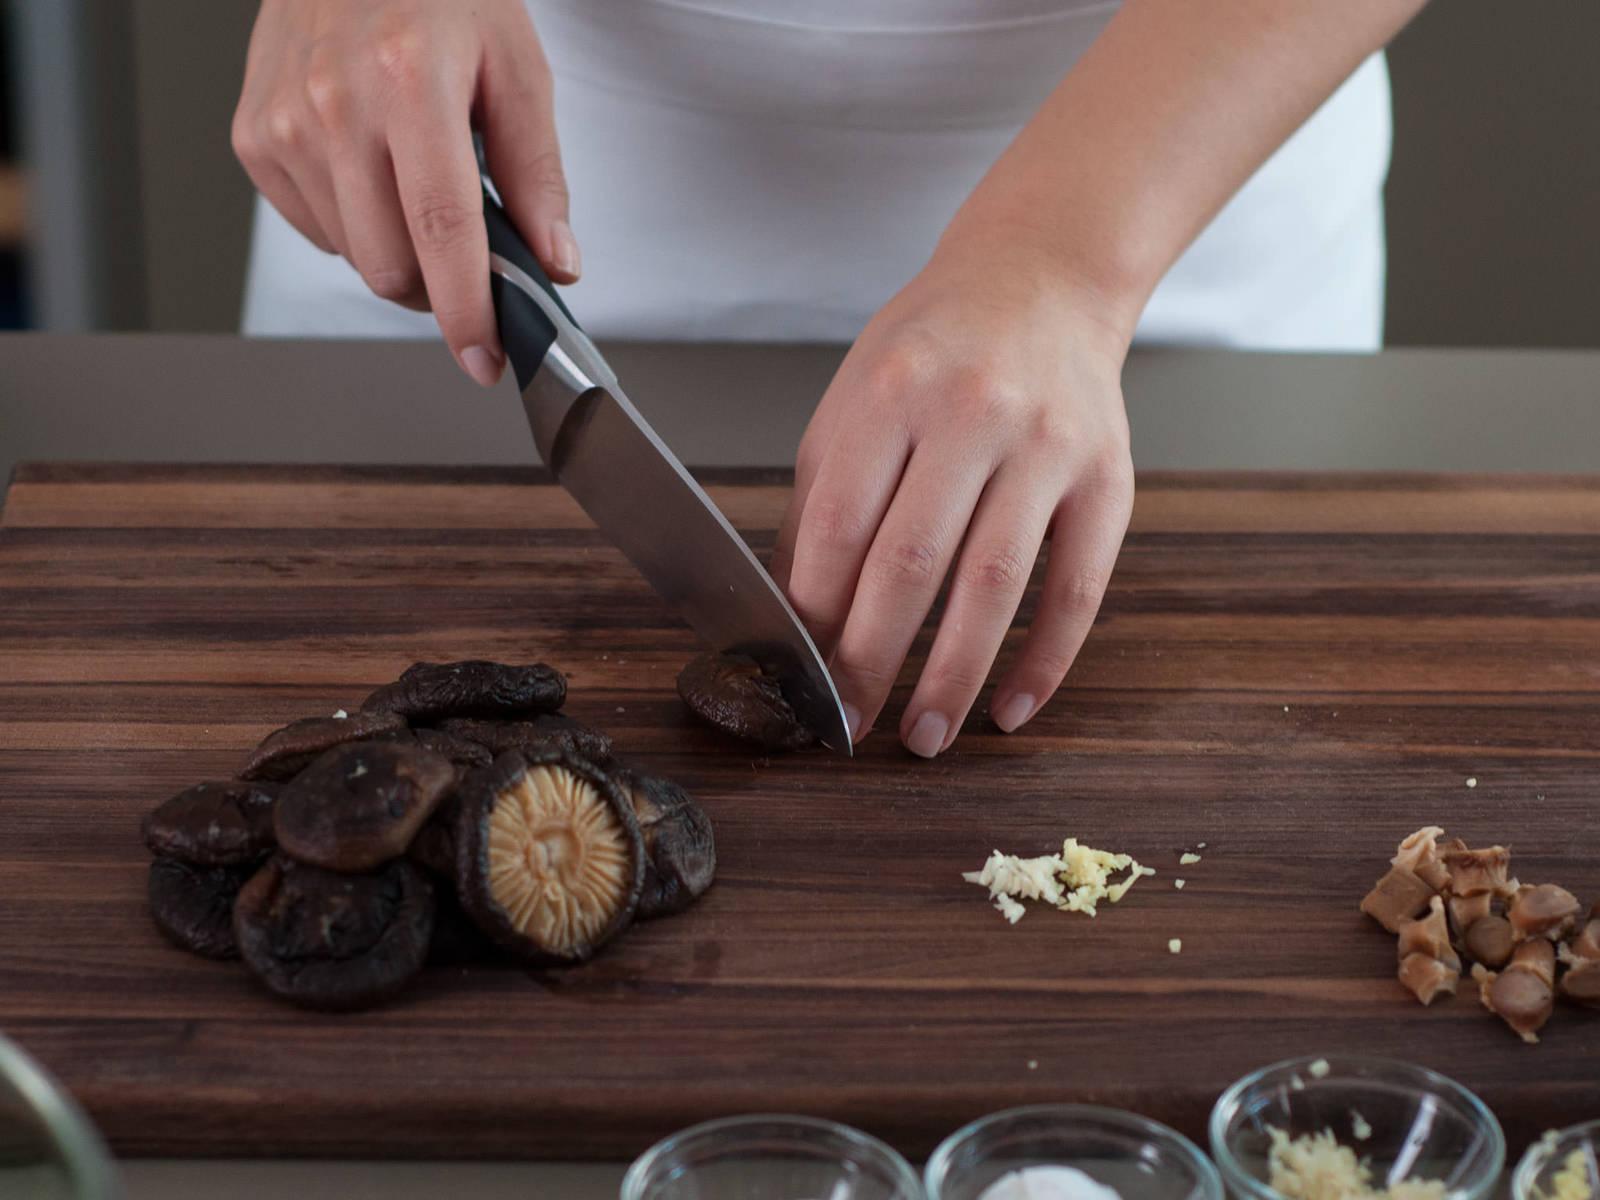 将干香菇在热水里泡大约20分钟,直至香菇头变软。浸过香菇的水备用。剁碎蒜和姜。切掉香菇根,在香菇头上划一个十字。